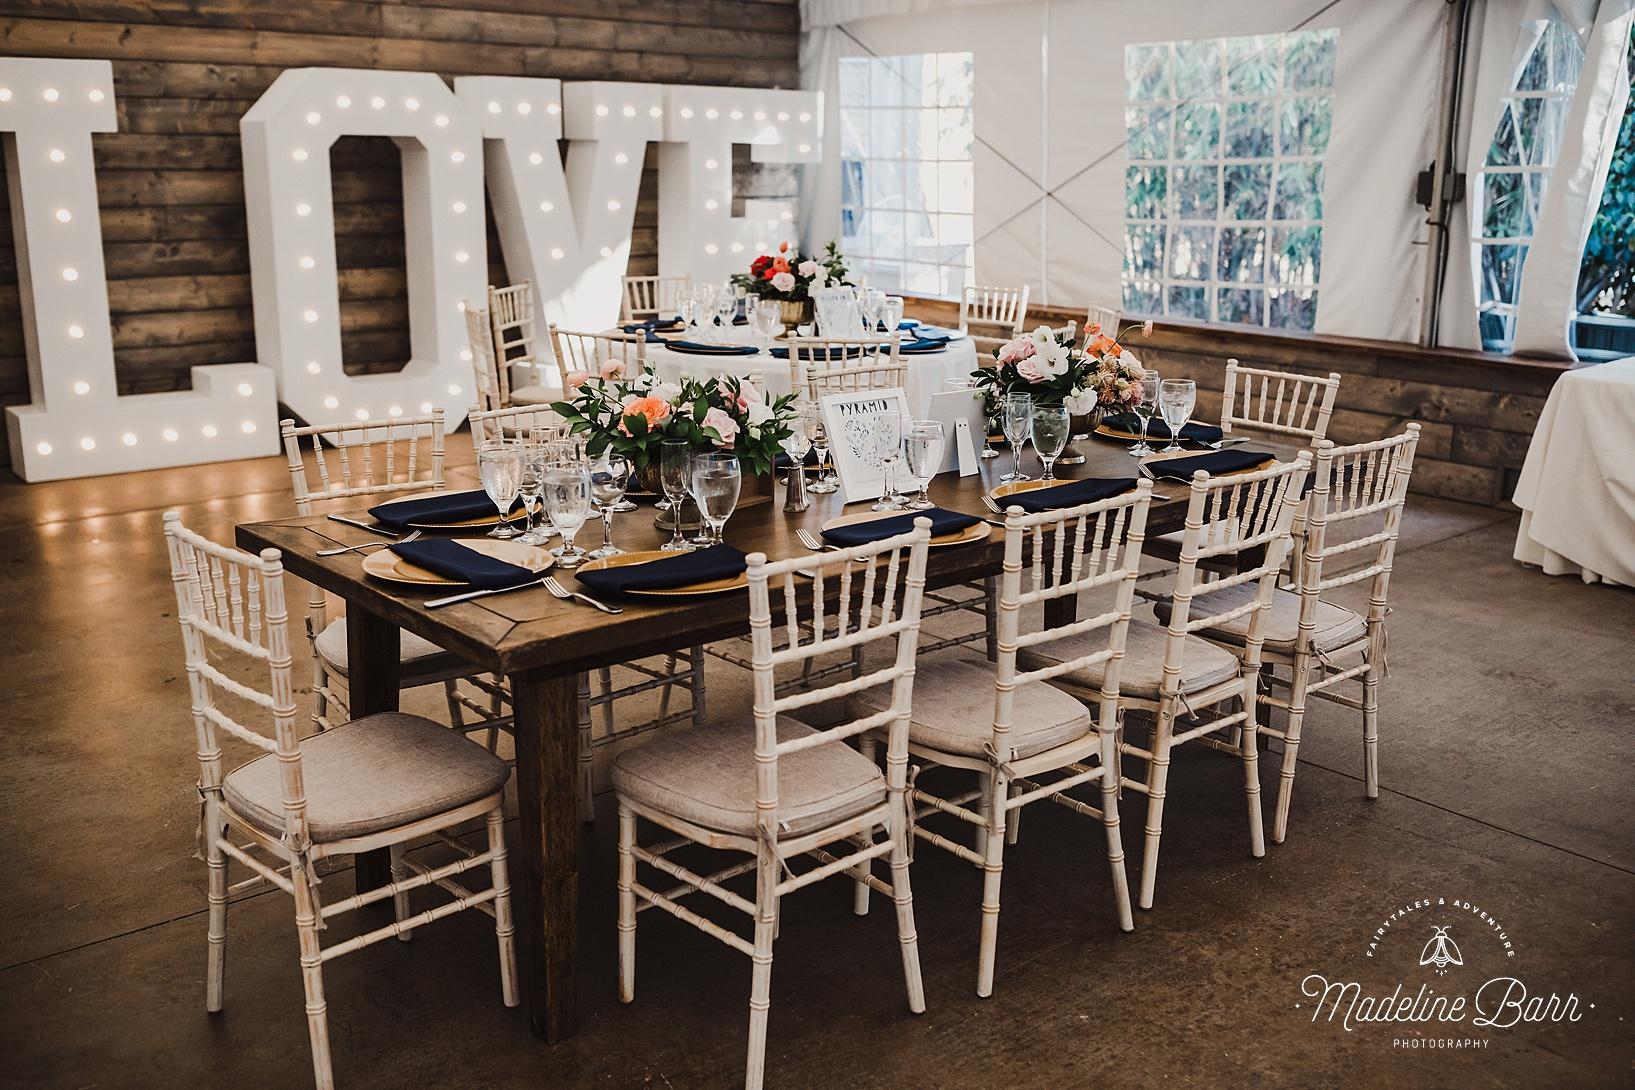 SanDiego_Multicultural_Elopement_Wedding0028.jpg